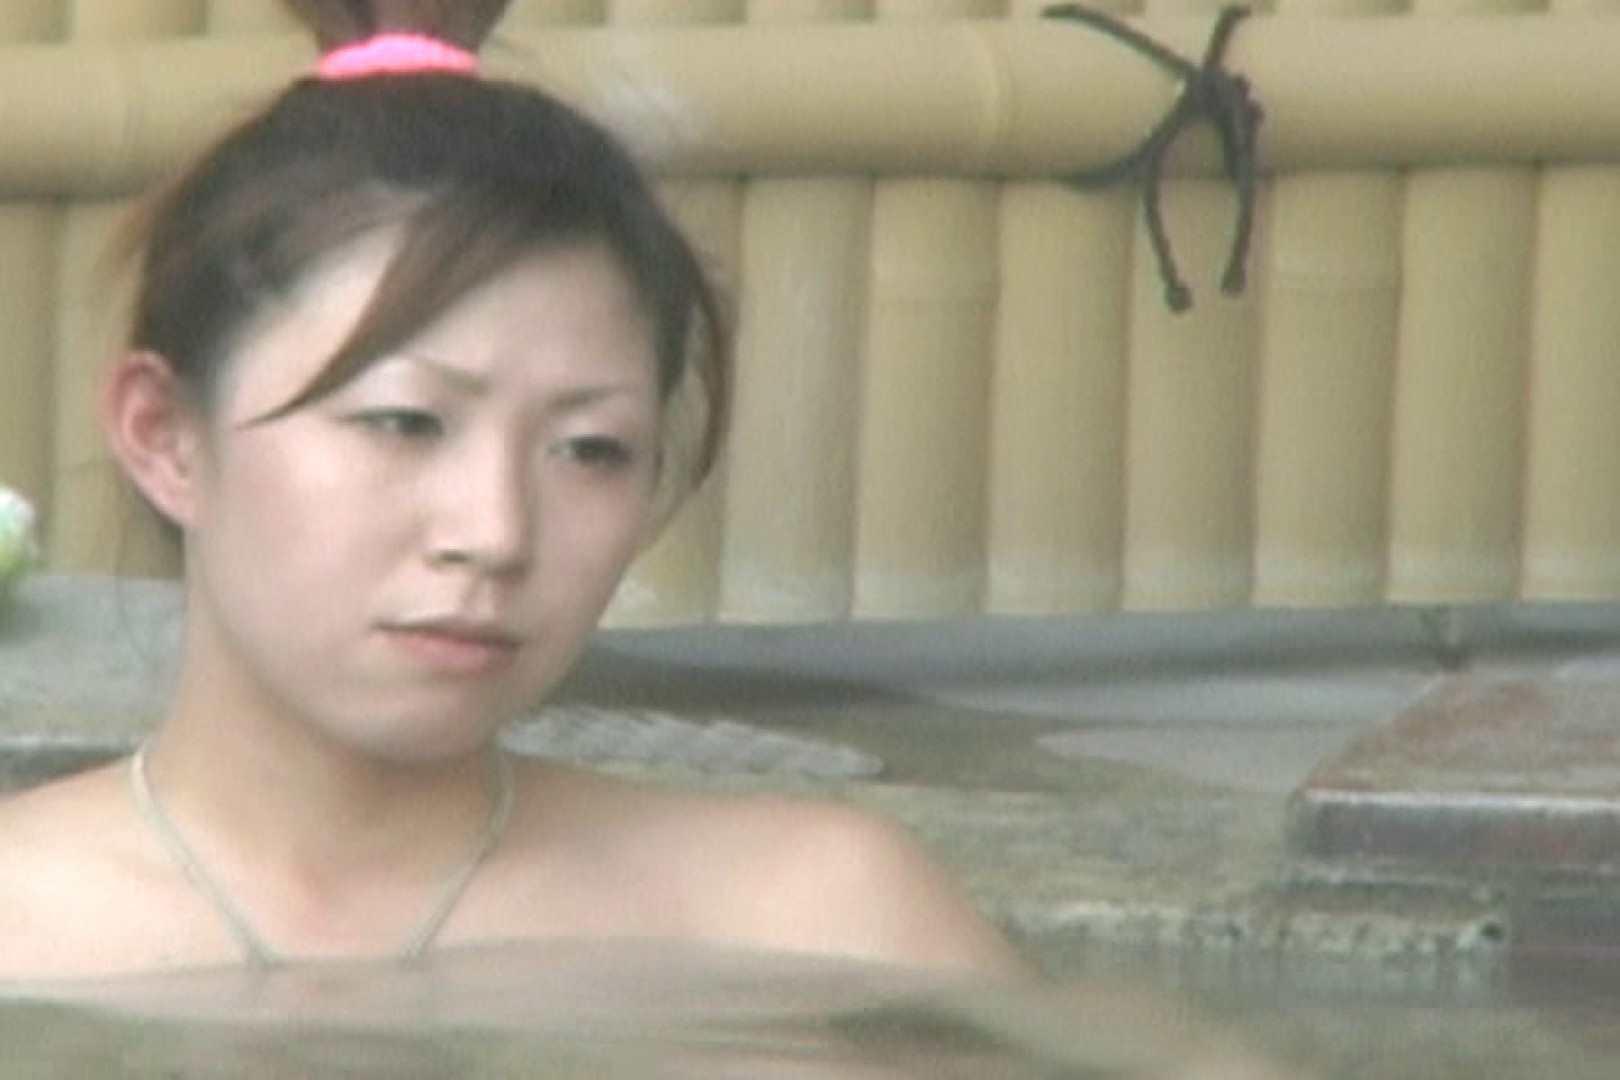 Aquaな露天風呂Vol.593 綺麗なOLたち | 盗撮  97枚 16